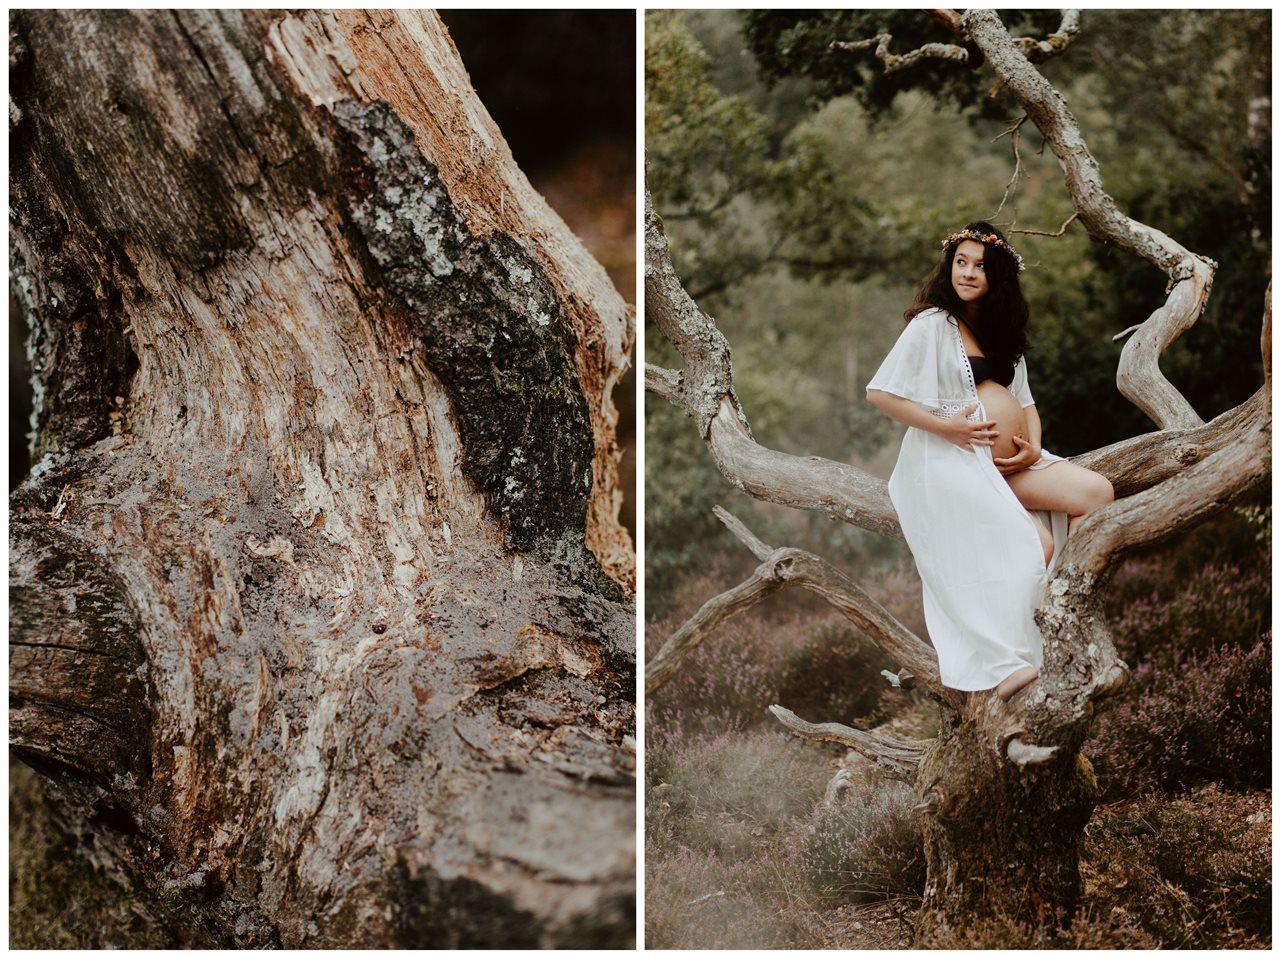 seance-maternité-nature-femme-enceinte-arbre-fumée-détail-tronc